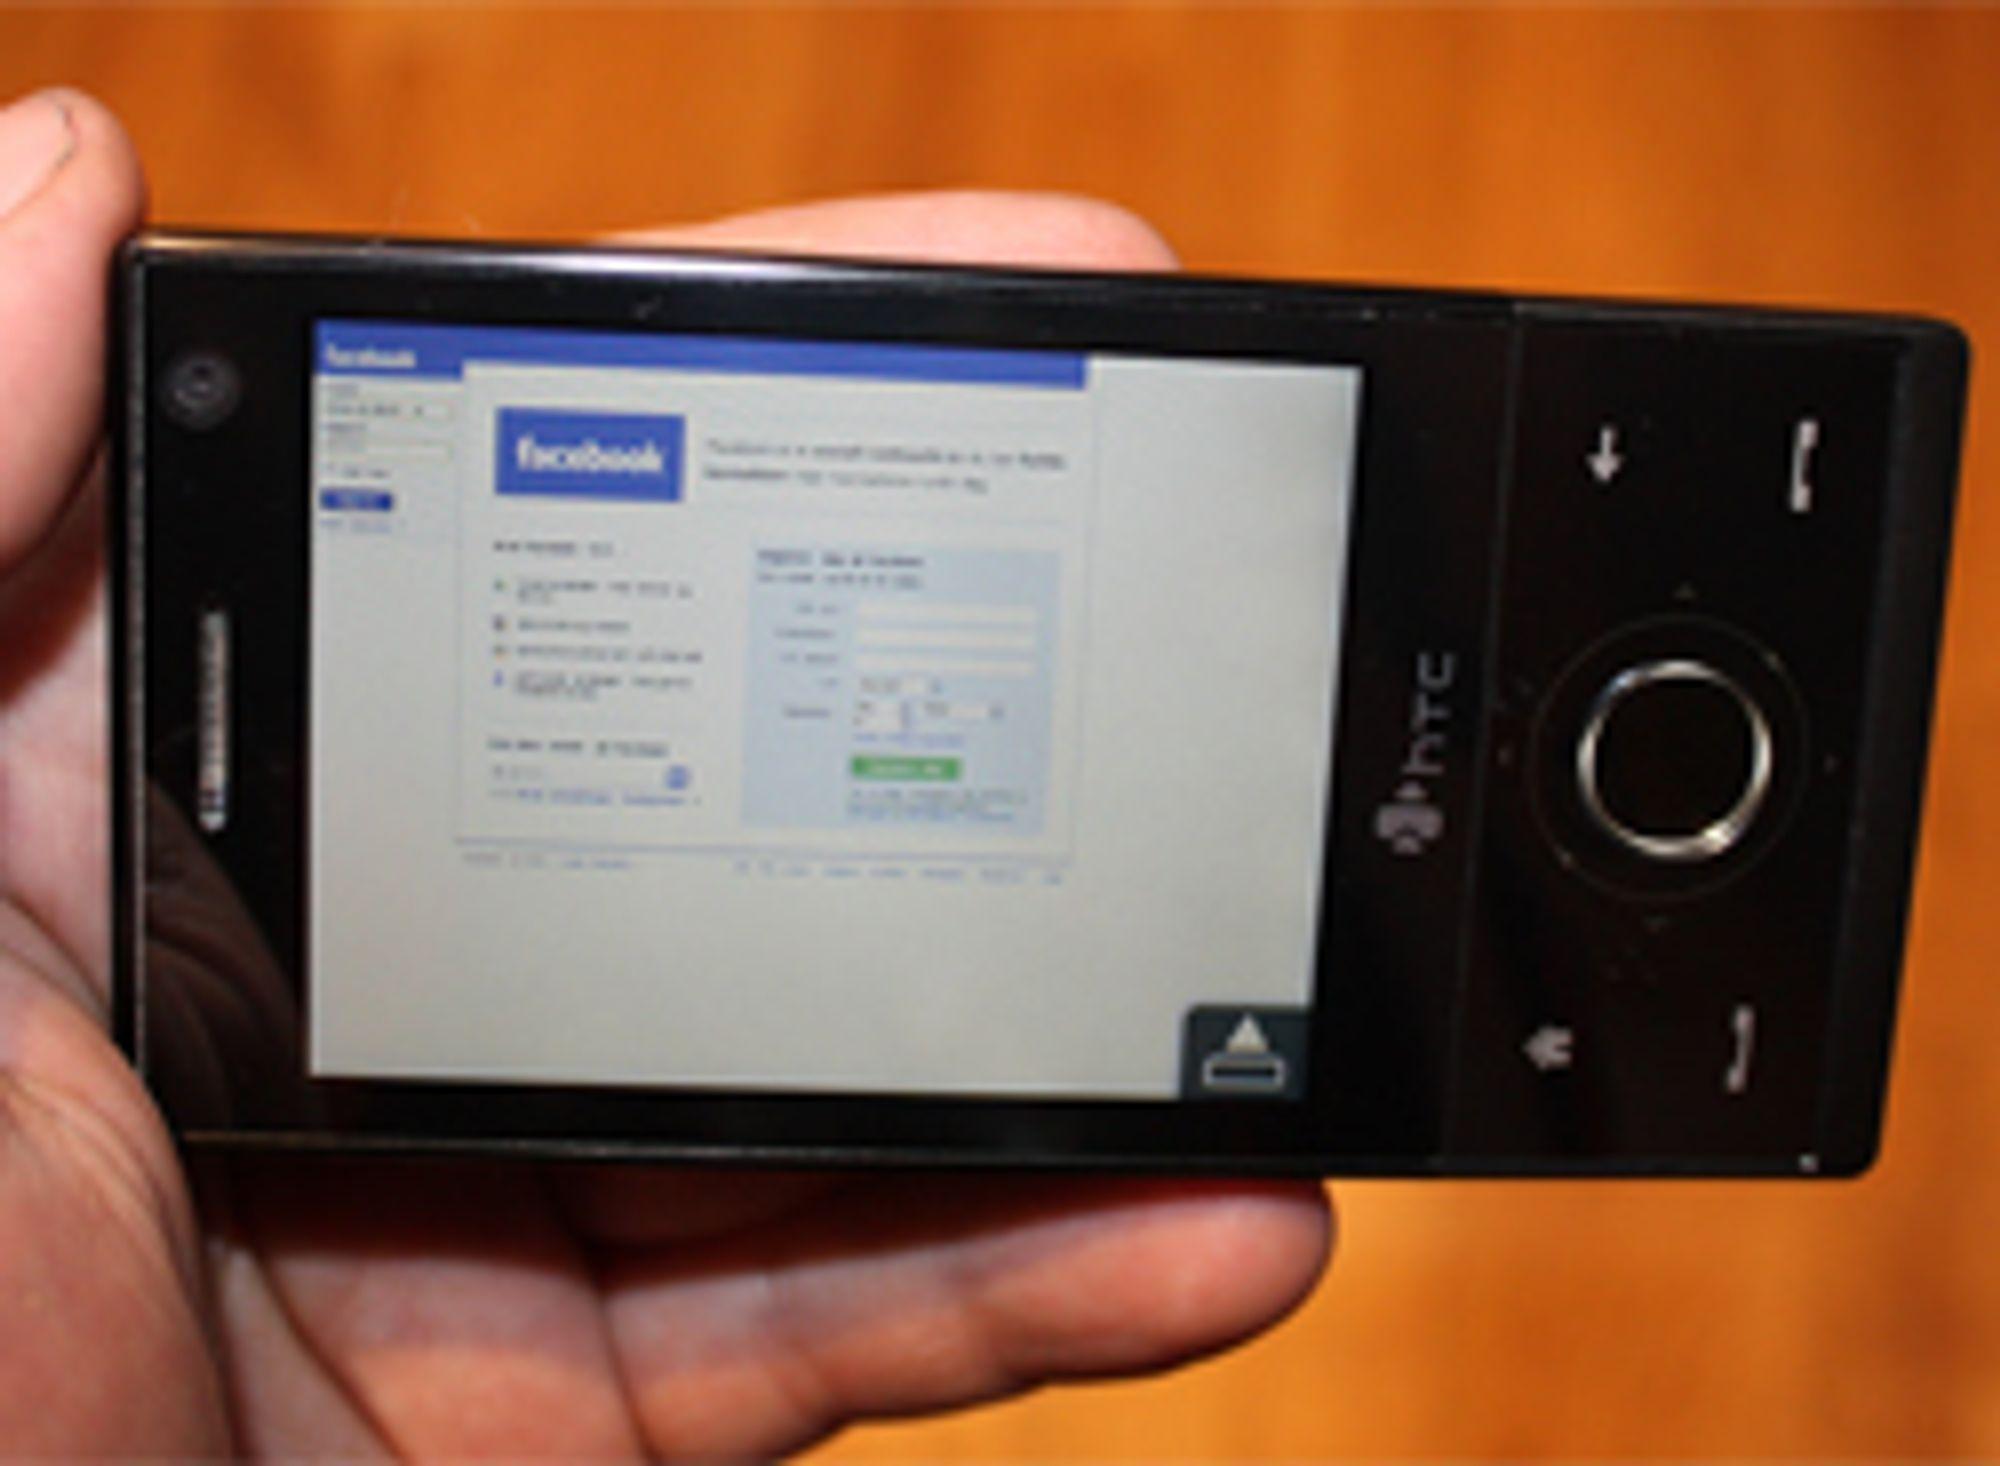 Opera Mobile gir deg skikkelig surfing på Windows-mobilen.